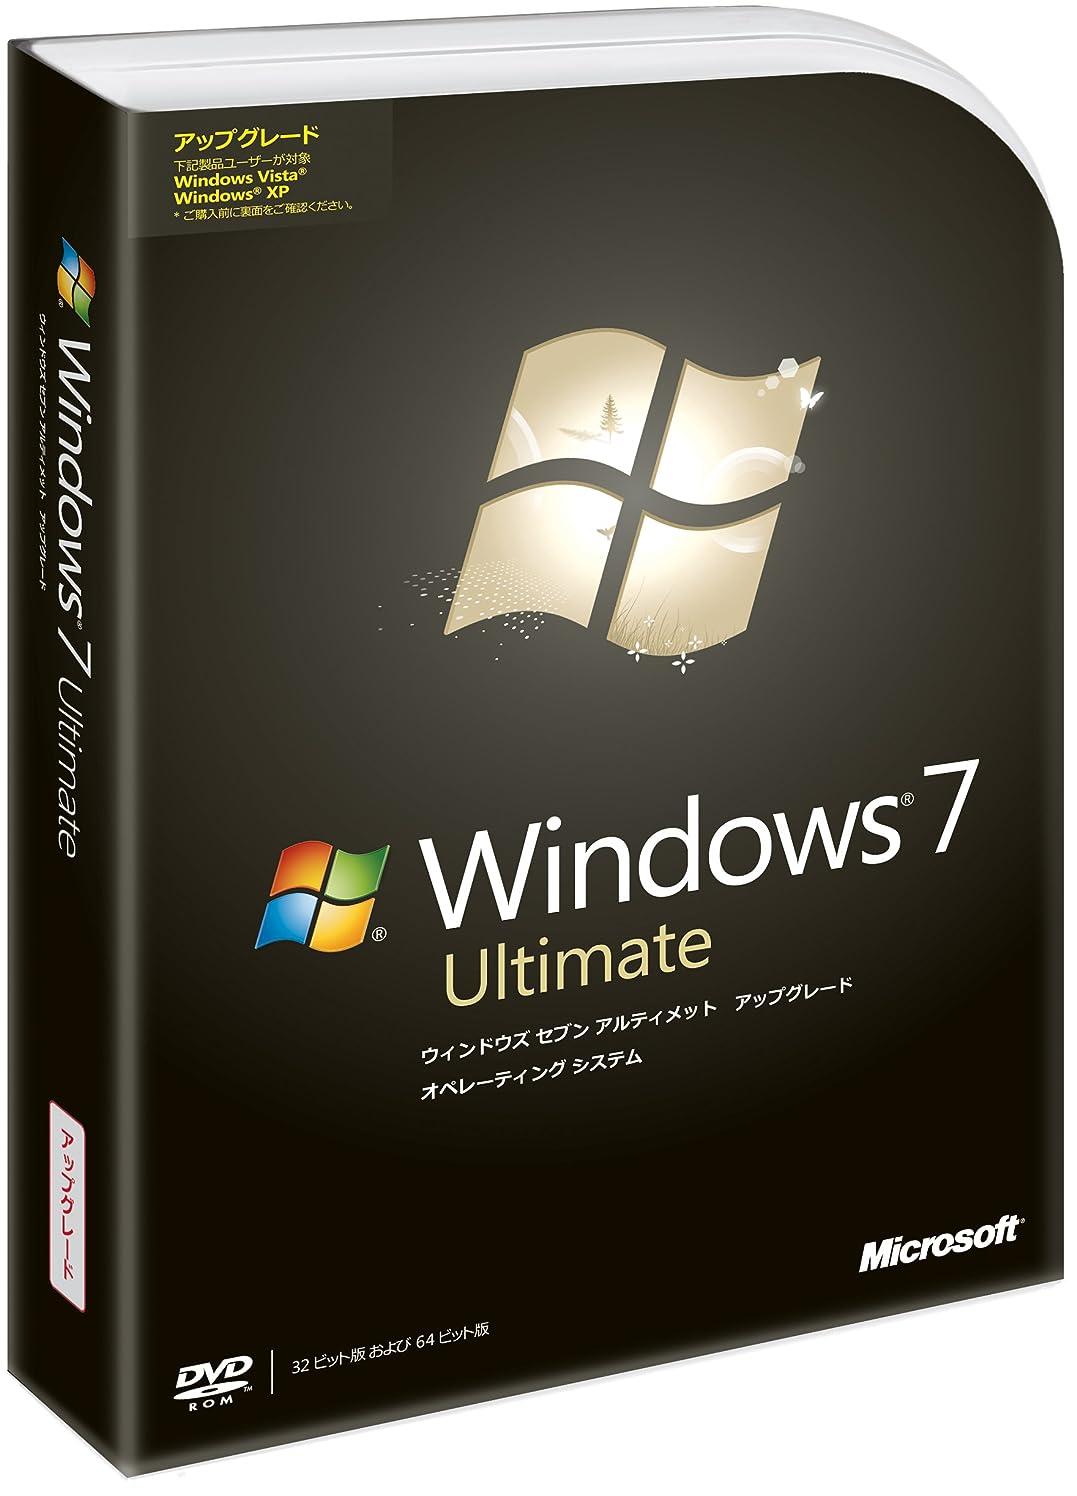 樹木雷雨文明Windows 7 Ultimate アップグレード